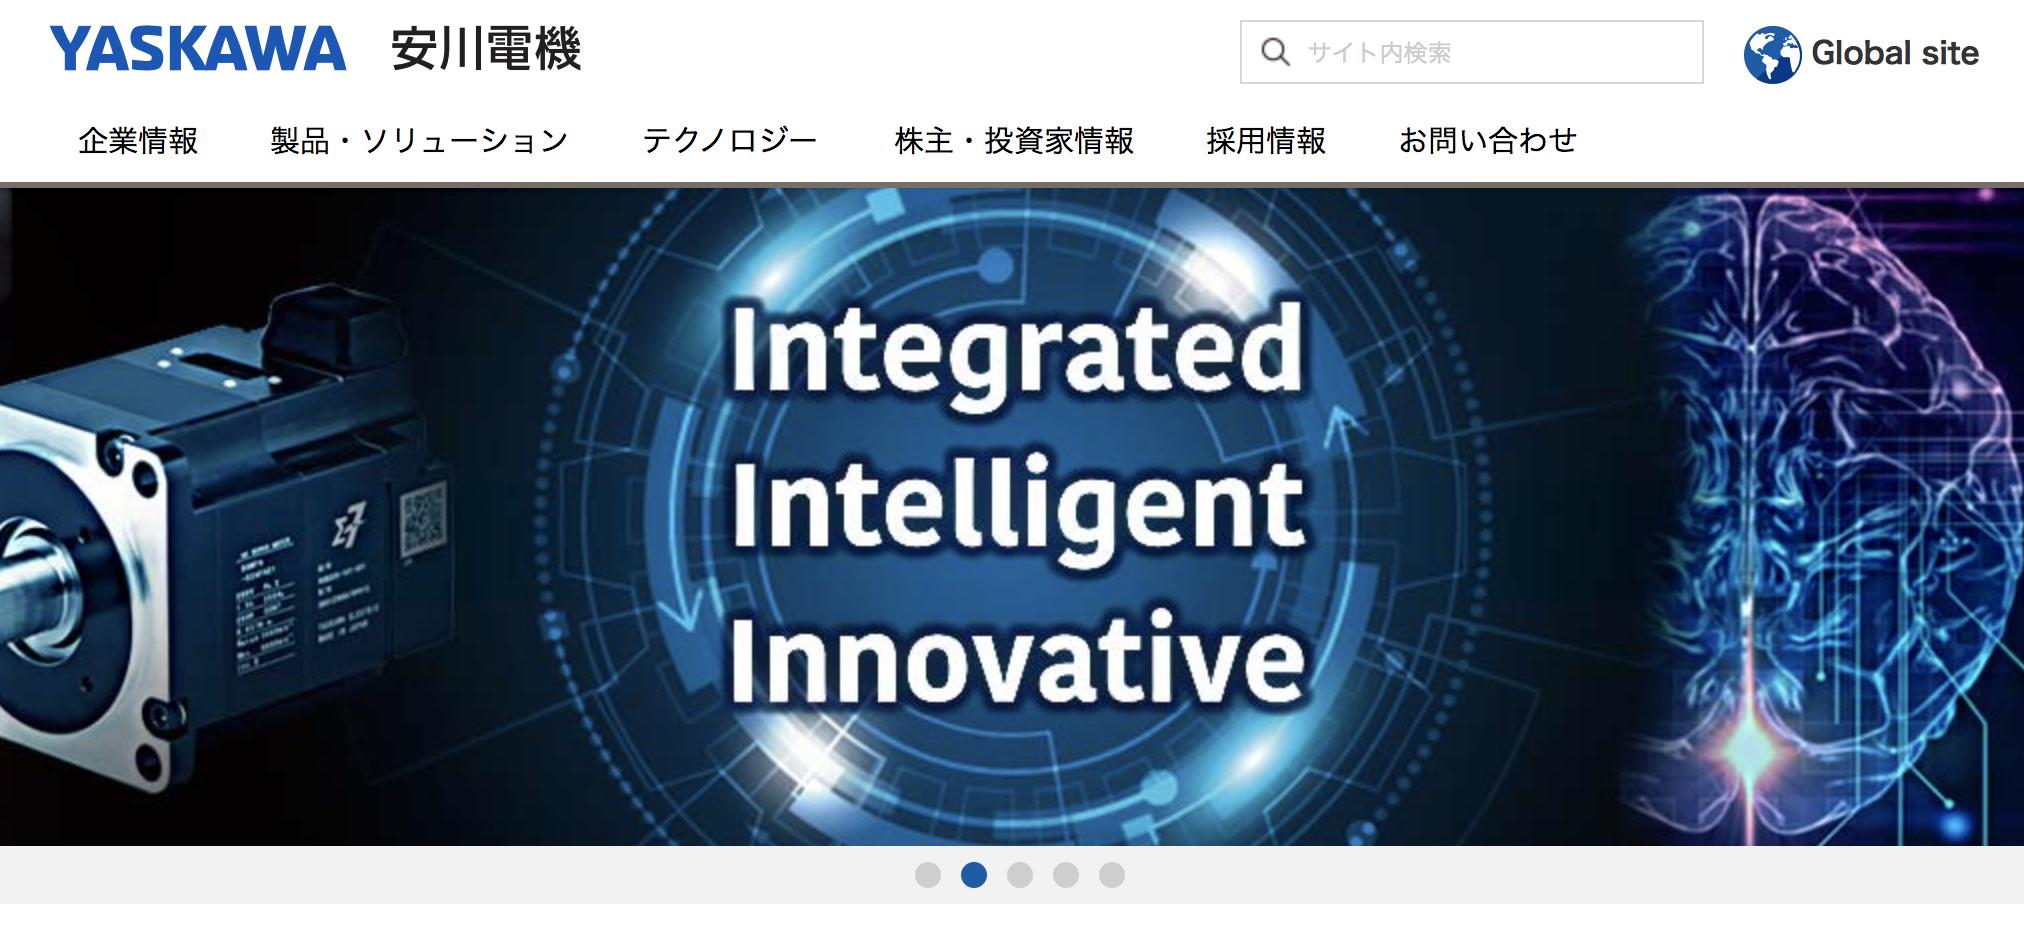 安川電機の株価推移を予想